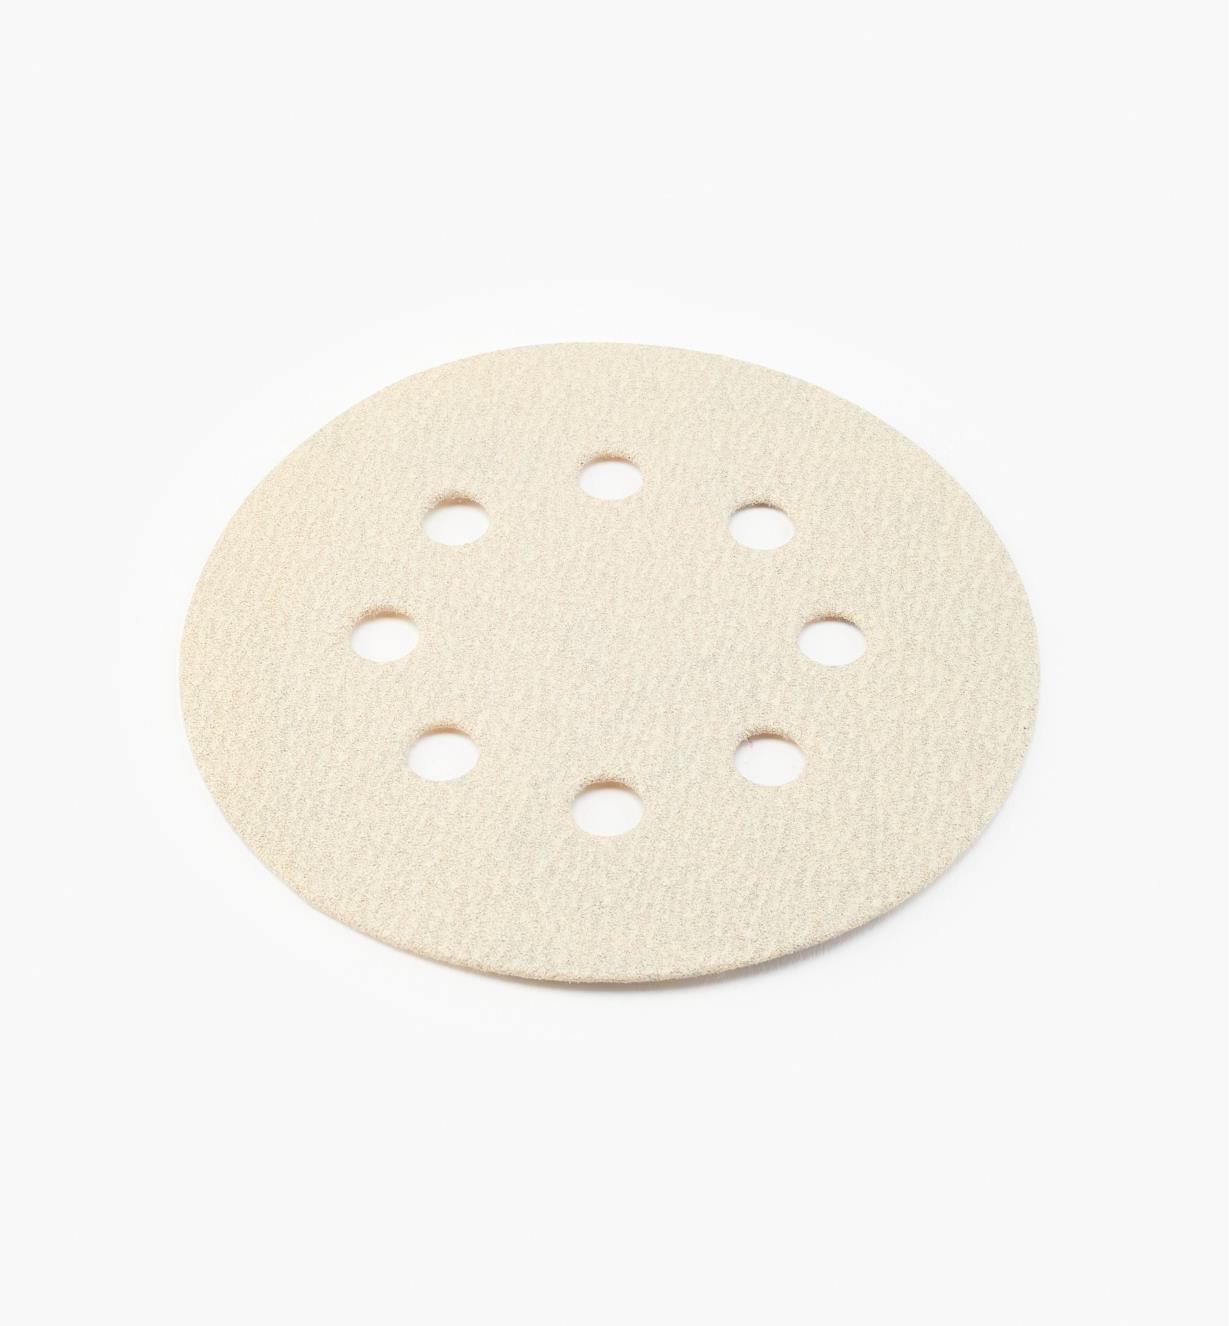 68Z9512 - Disque autoagrippant de 5po à 8perforations, grain120